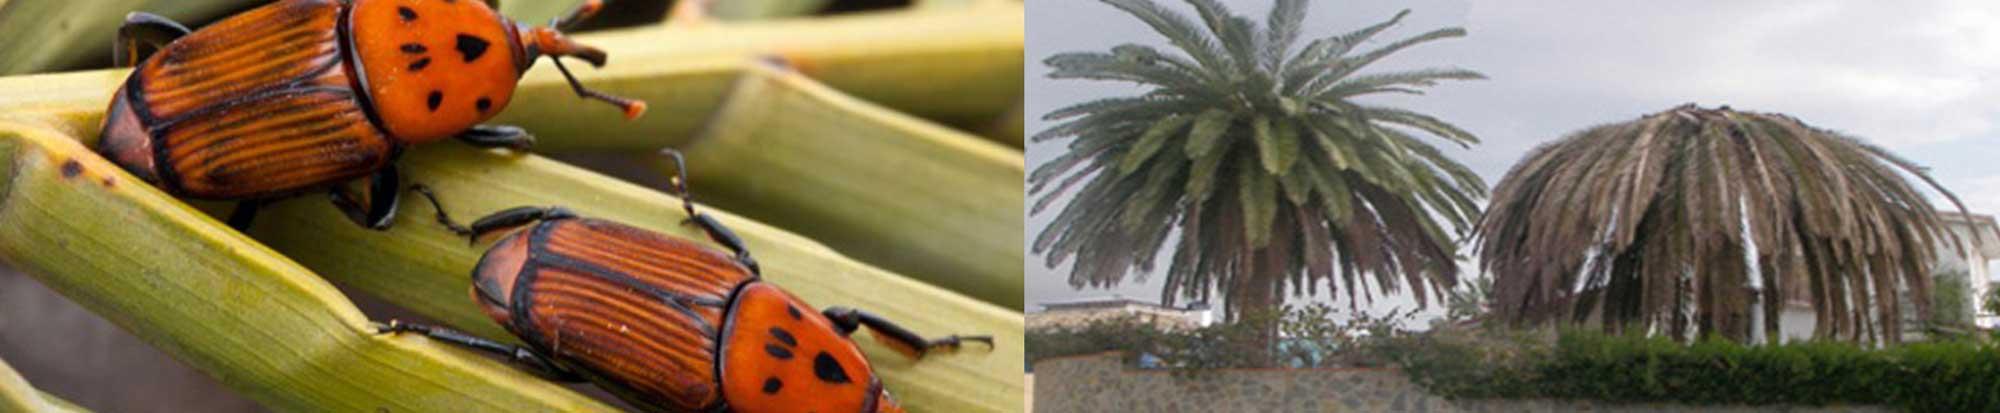 tonchio rosso della palma